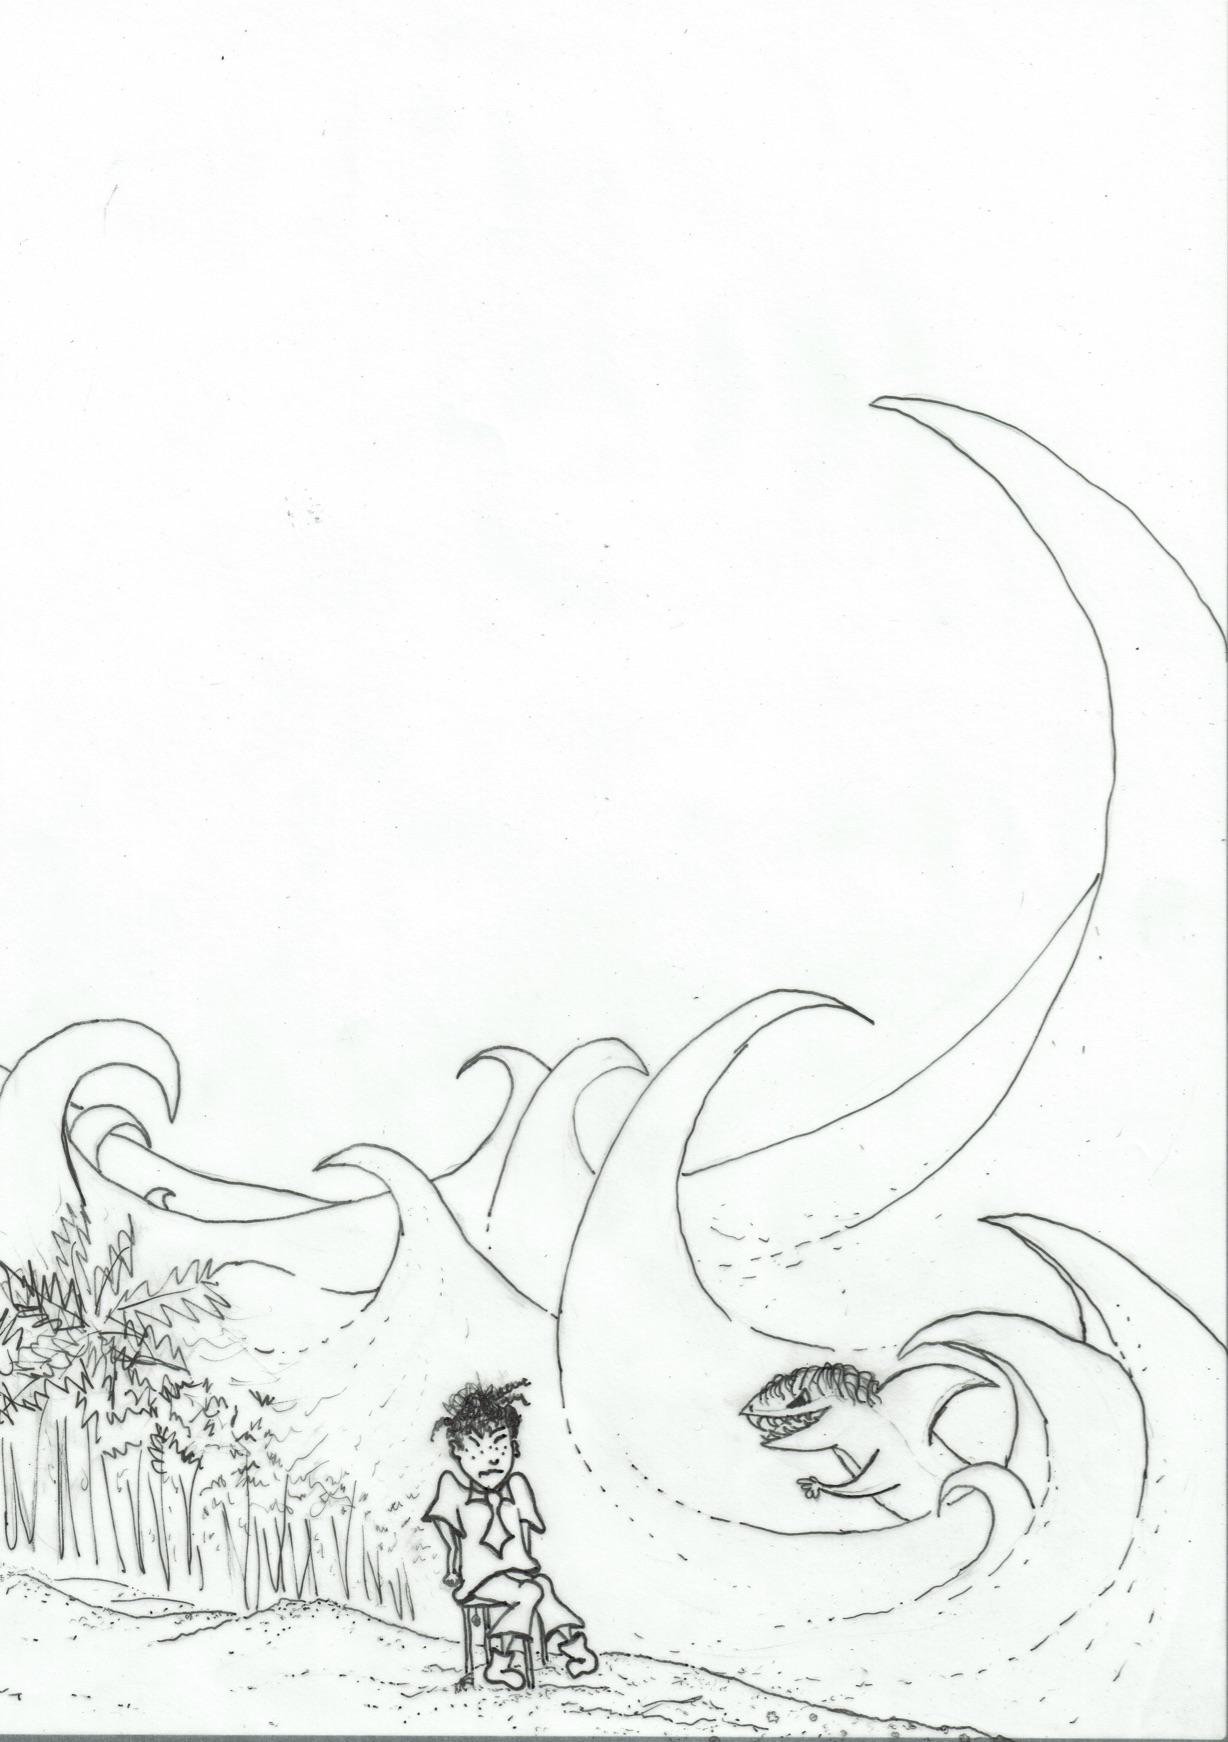 Simon-and-the-Shark.jpg